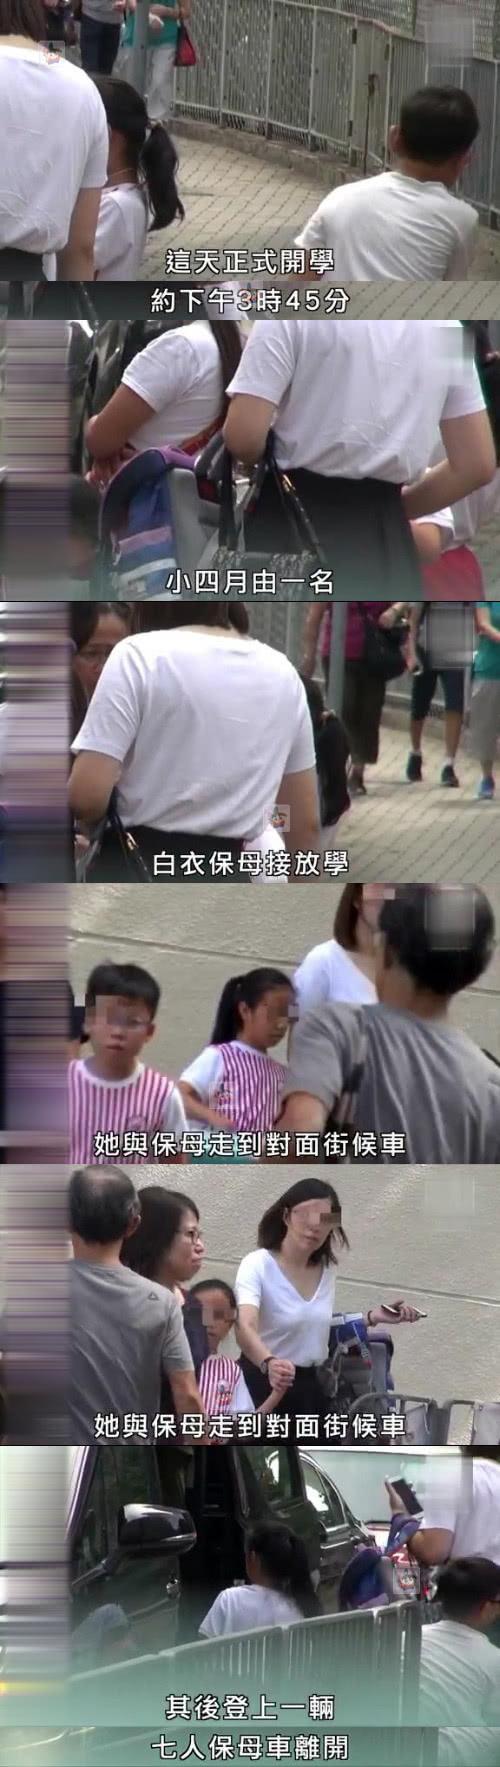 赵薇女儿开学,校门口跨栏杆活泼如小燕子,父母不现身靠保姆接送